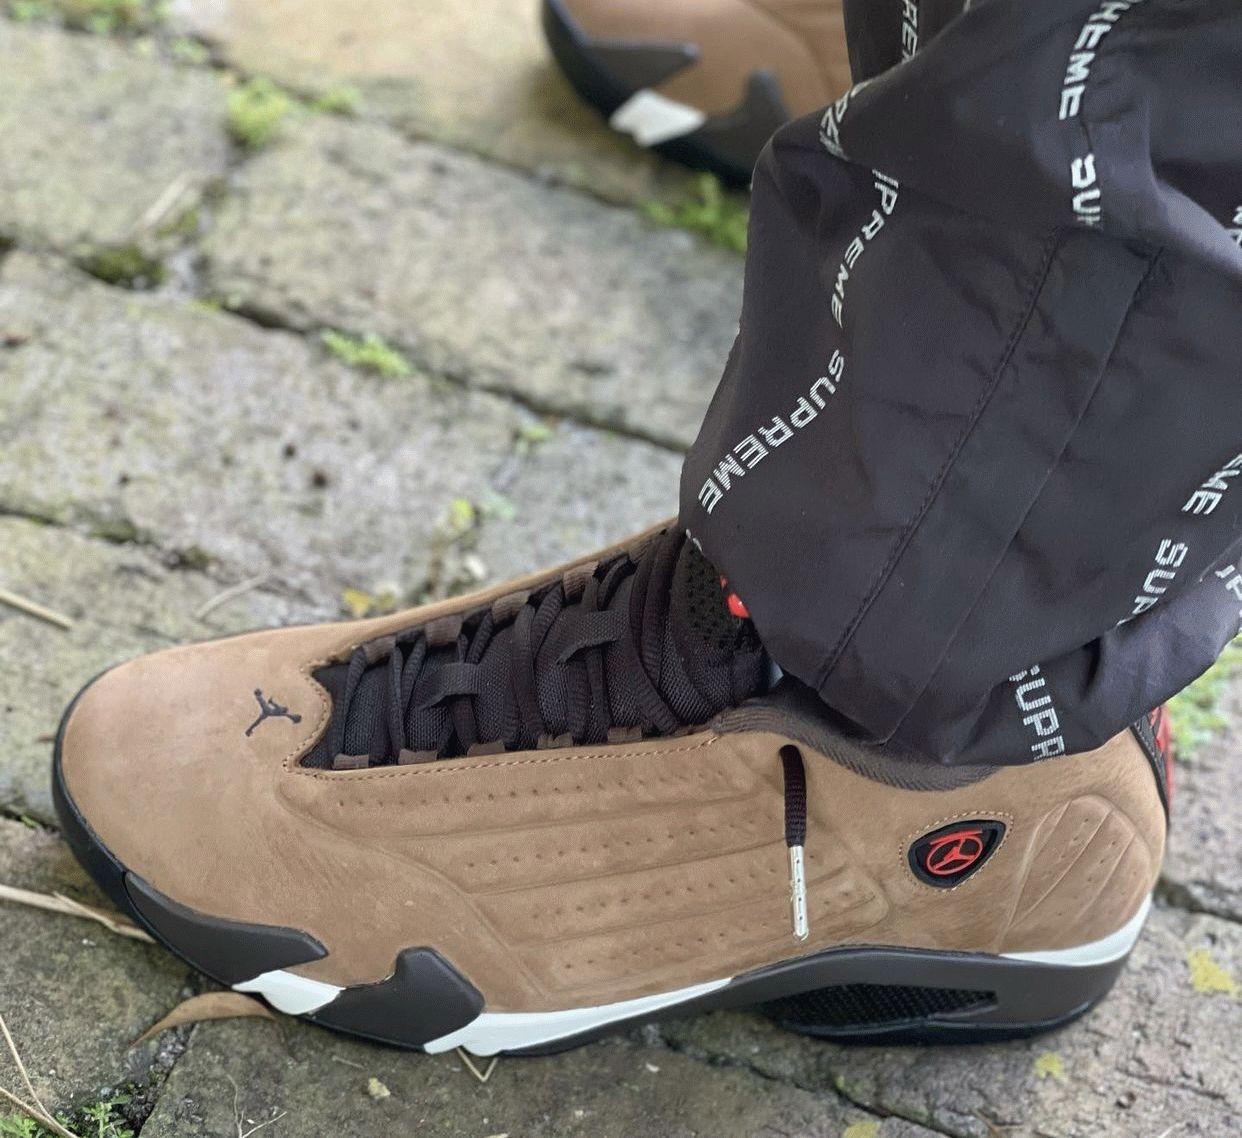 Jordan 14 Winterized on feet